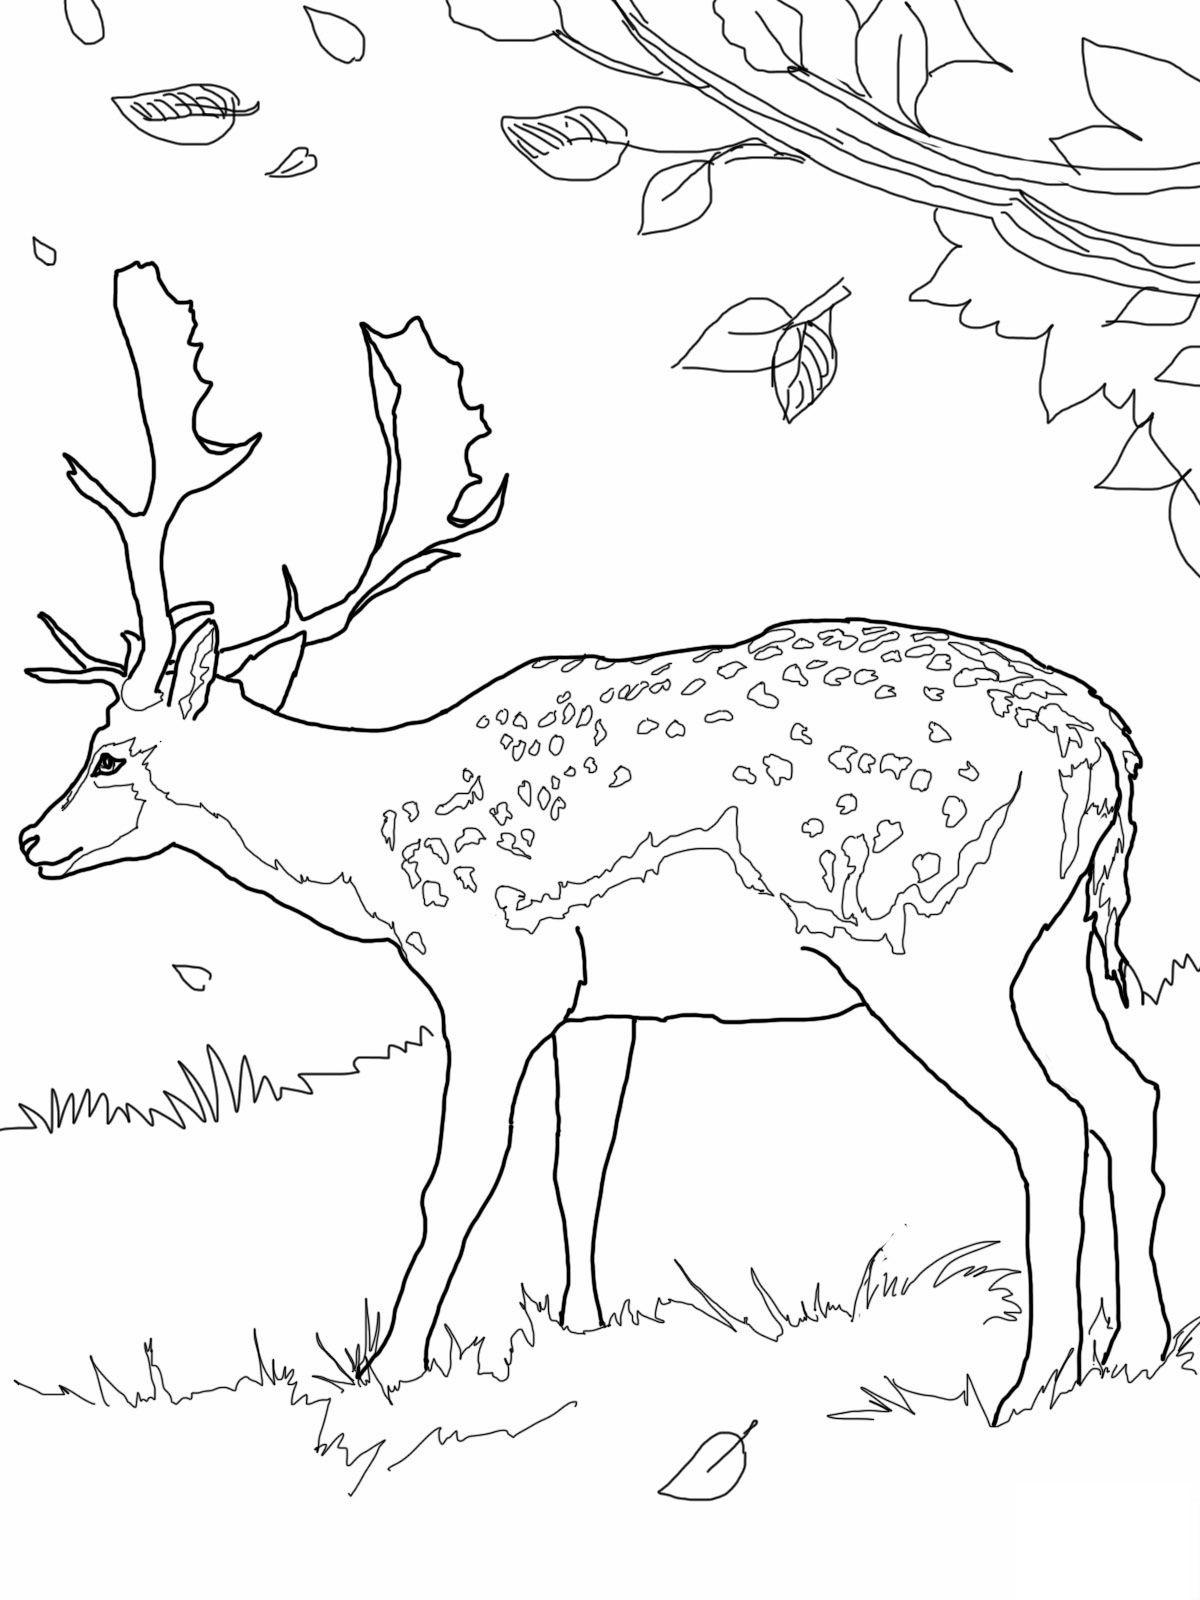 Free Printable Deer Coloring Pages For Kids | Pinterest | Ciervo ...